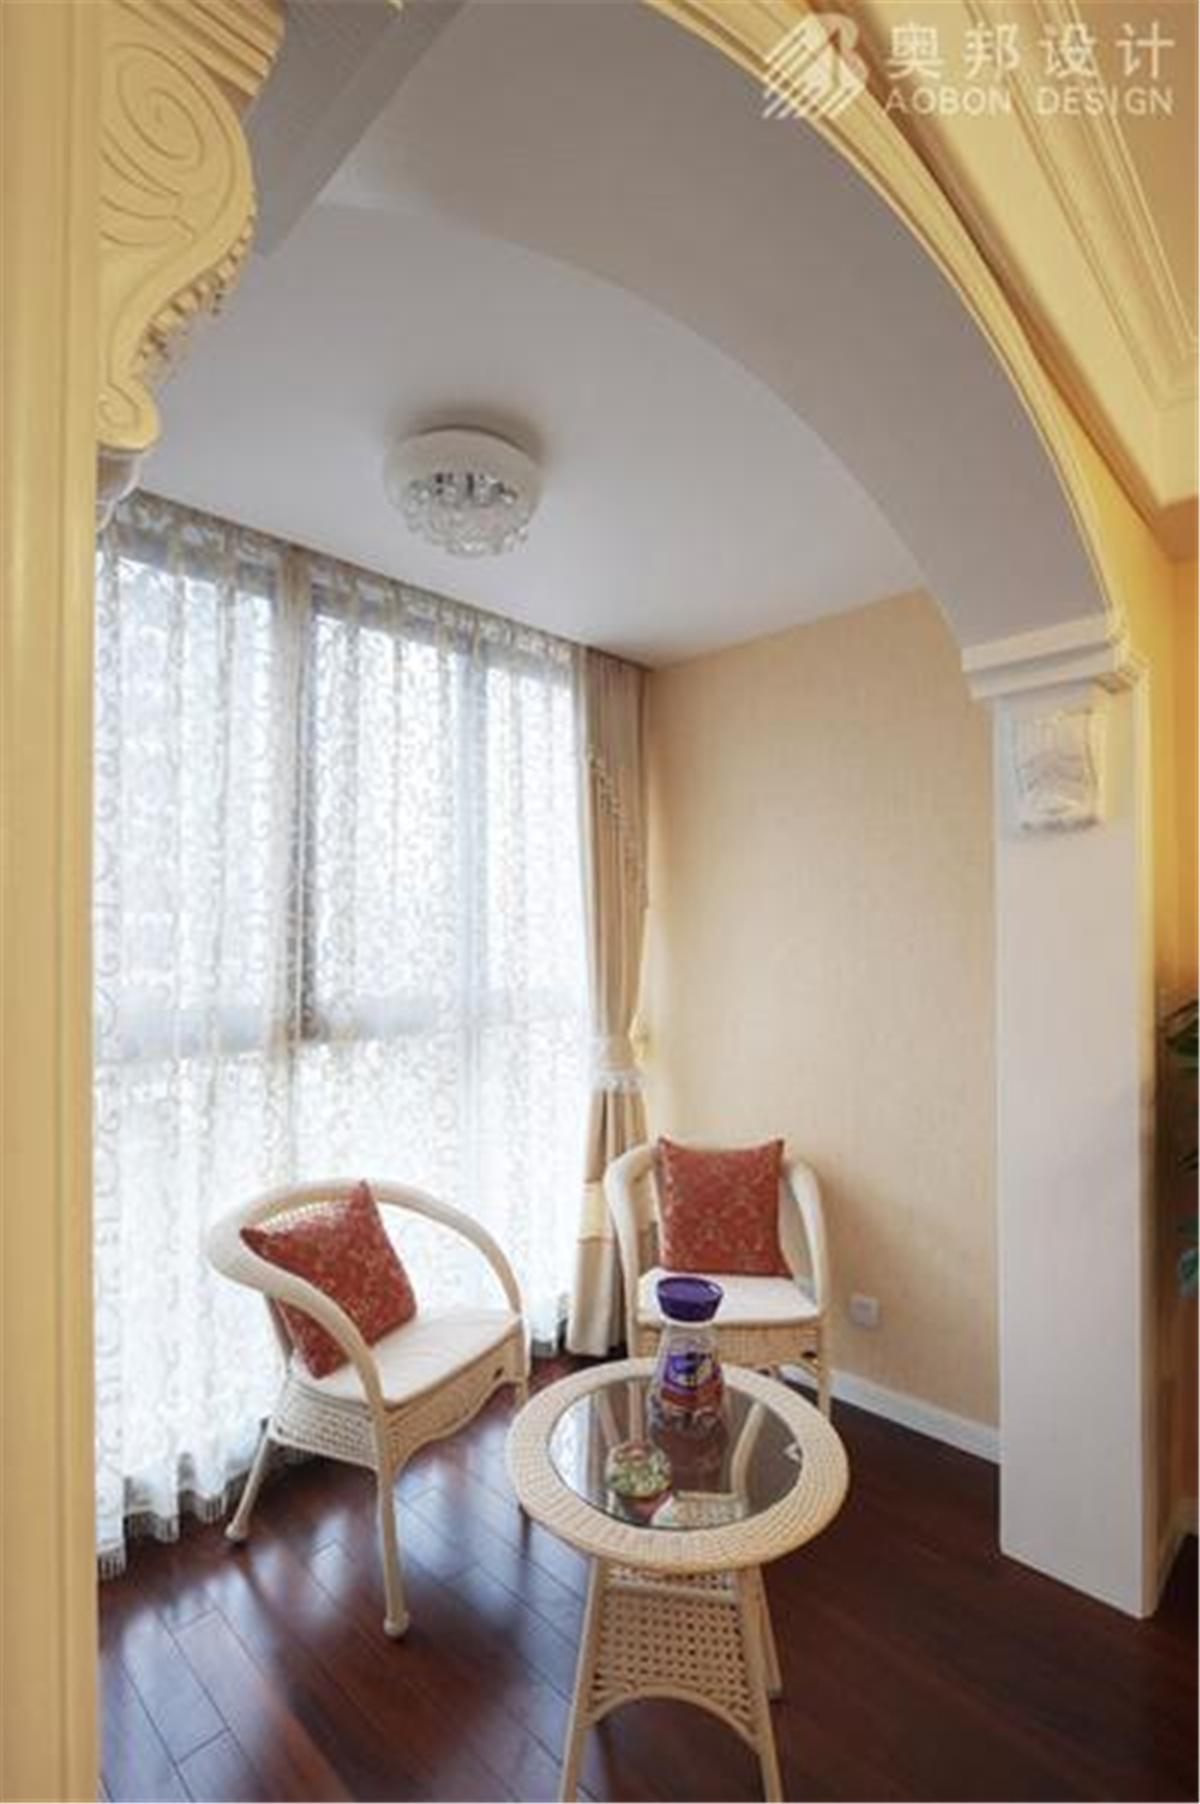 汇智湖畔 三居室设计 奥邦装饰 高娟作品 新欧式 阳台图片来自上海奥邦装饰在汇智湖畔148平D1户型新欧式设计的分享